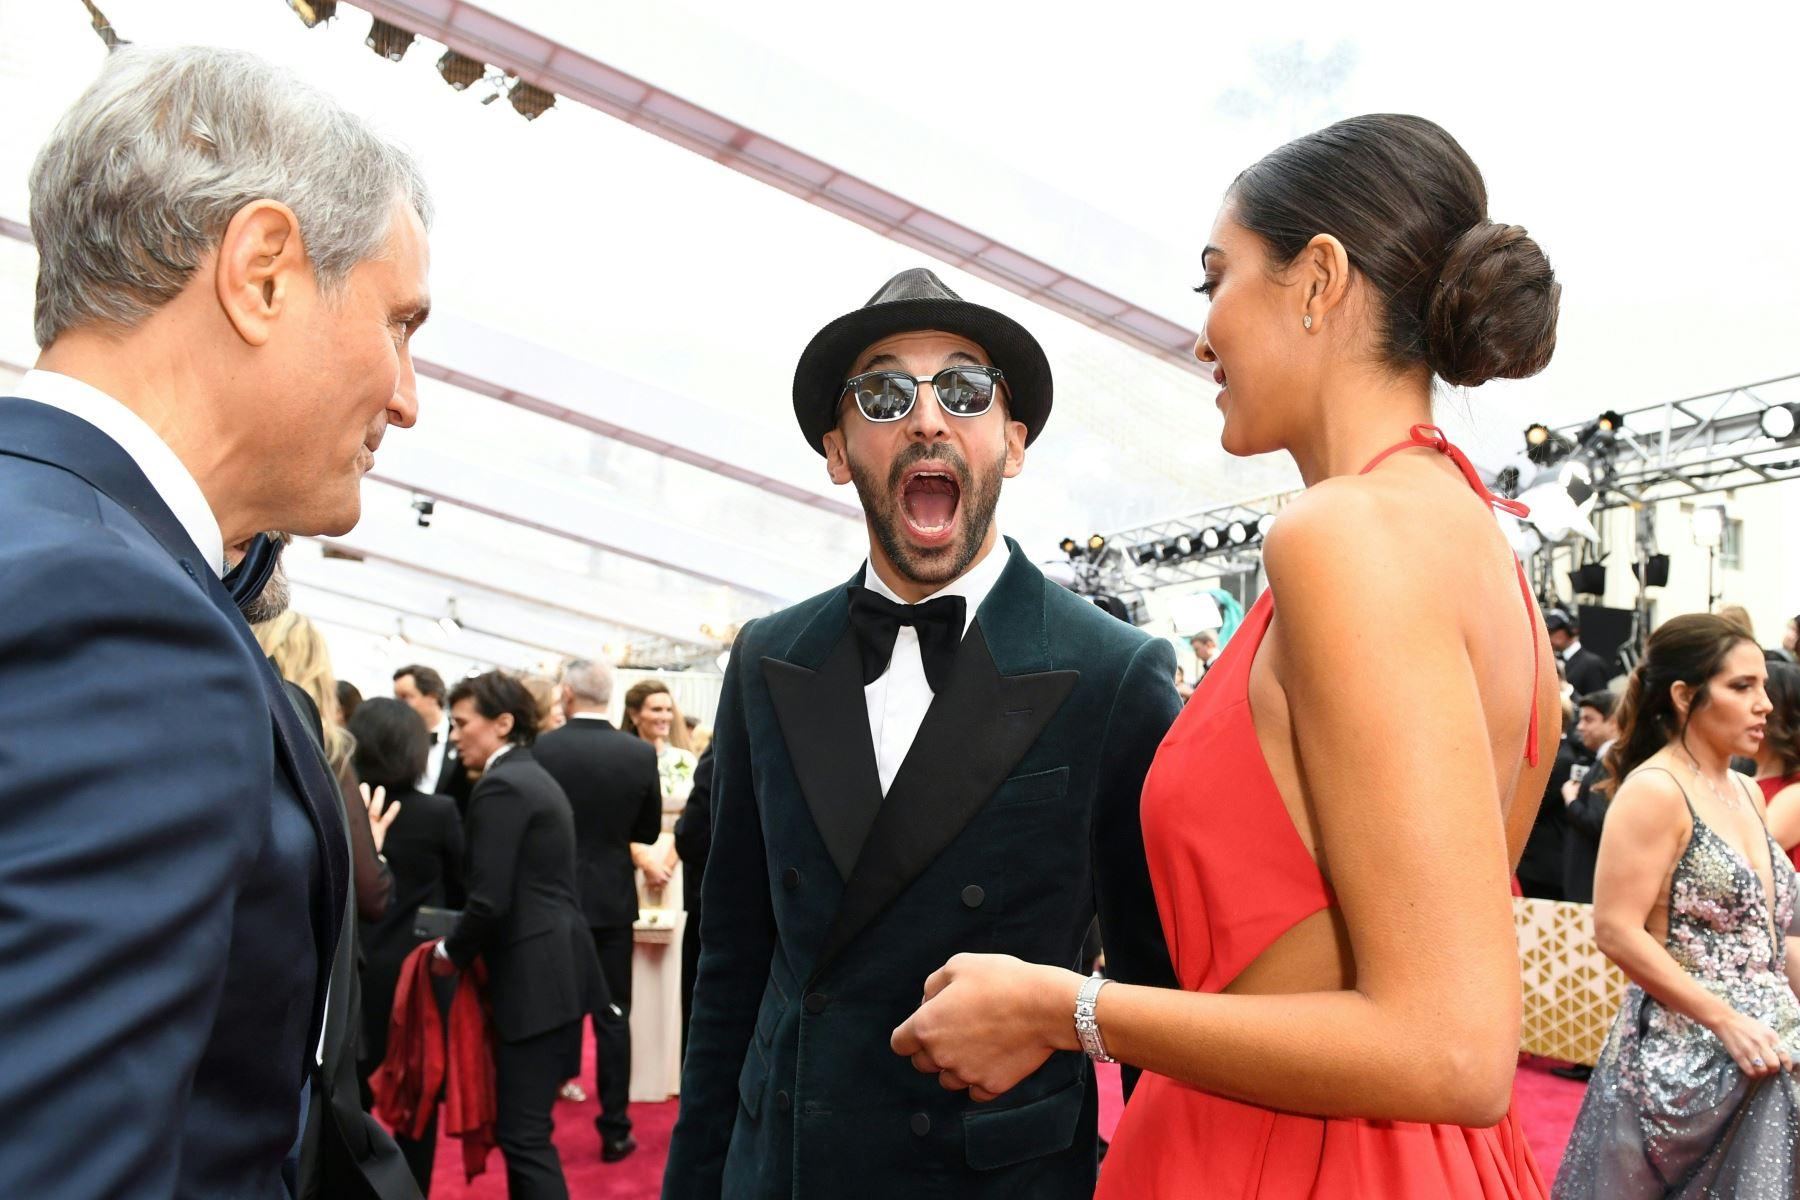 JR llega para el 92 ° Oscar en el Dolby Theatre de Hollywood, California. Foto: AFP